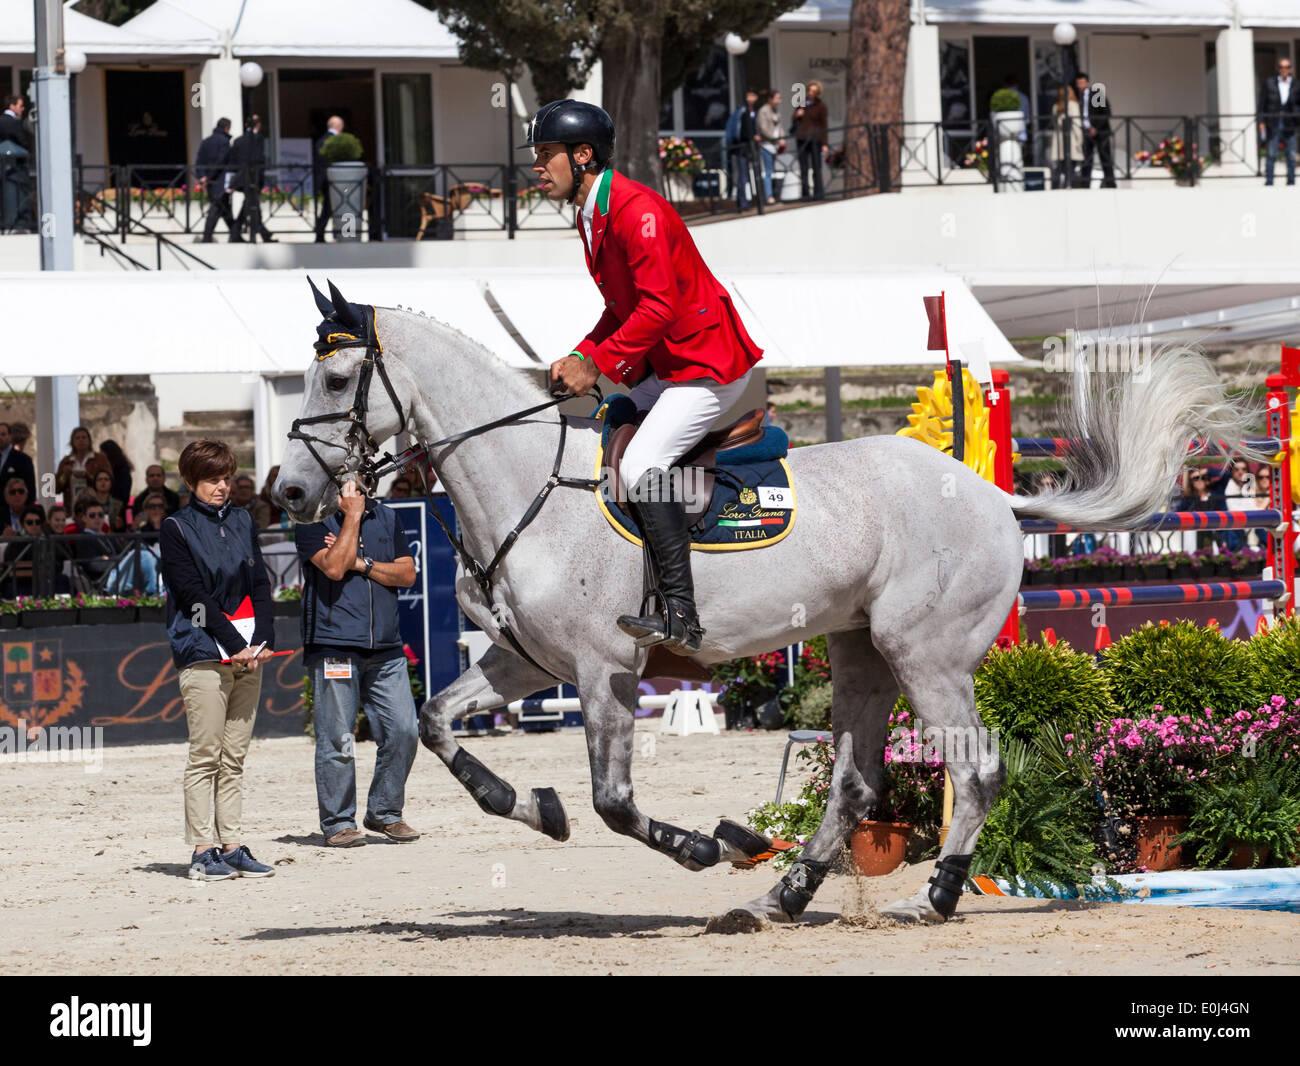 Roberto Turchetto para el Italiano equipo hípico de equitación en el Baretto Piazza di Siena en Roma 2013 Imagen De Stock